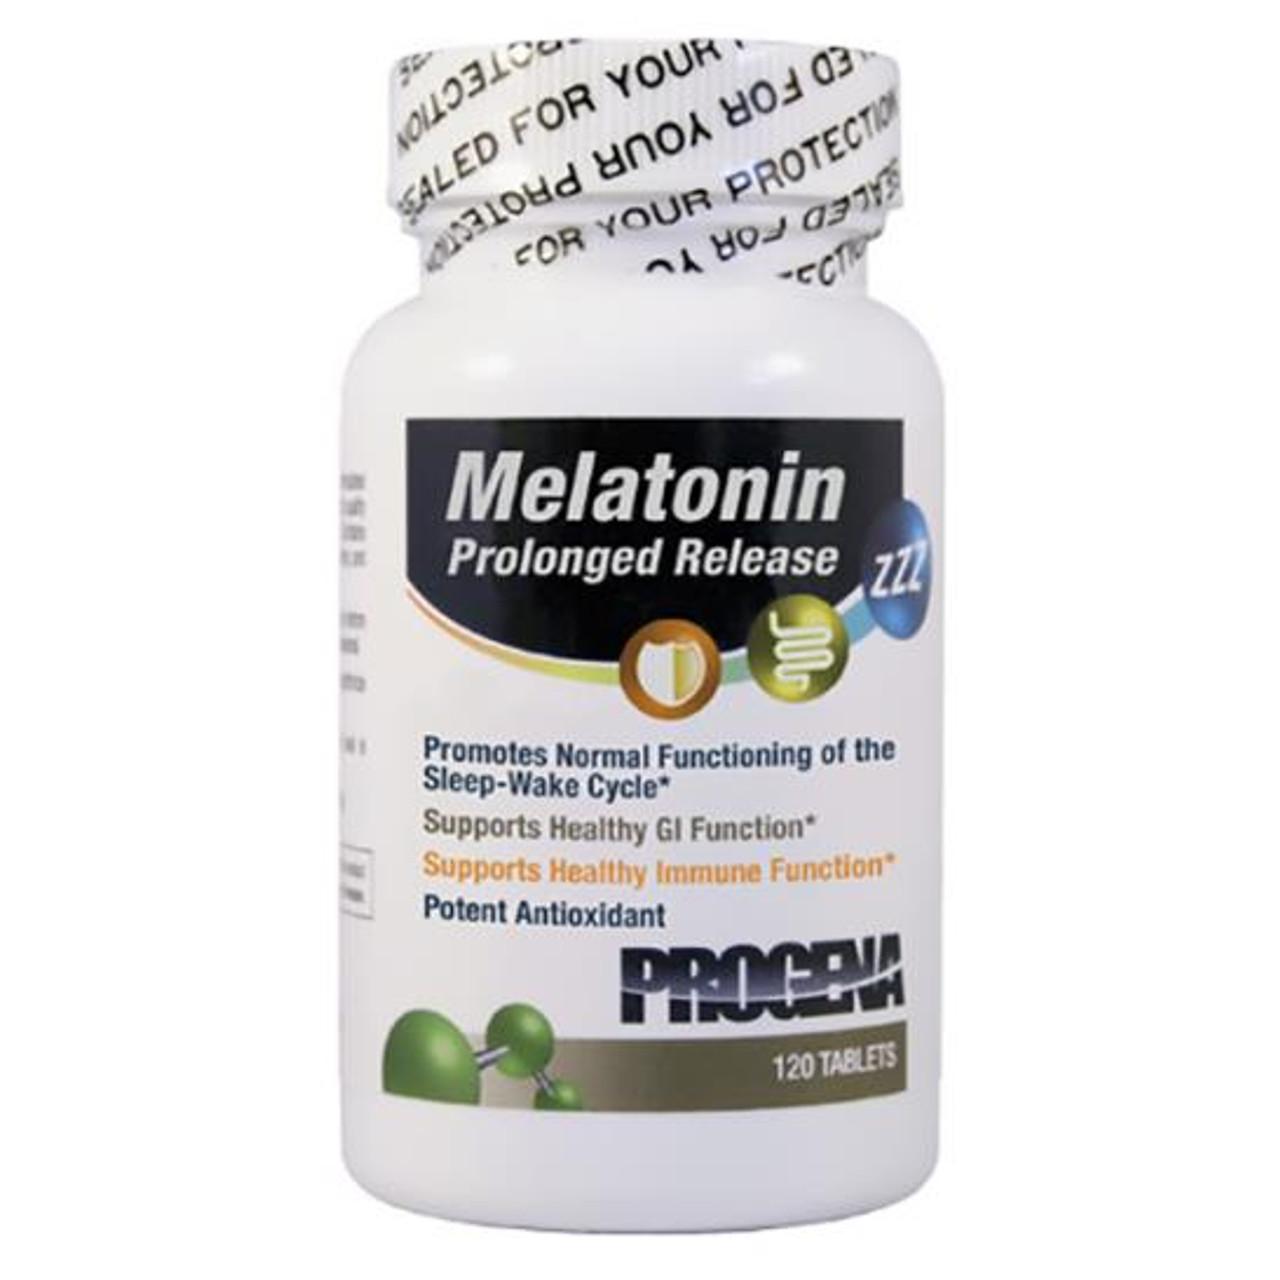 Melatonin 120 Tabs (3 mg)